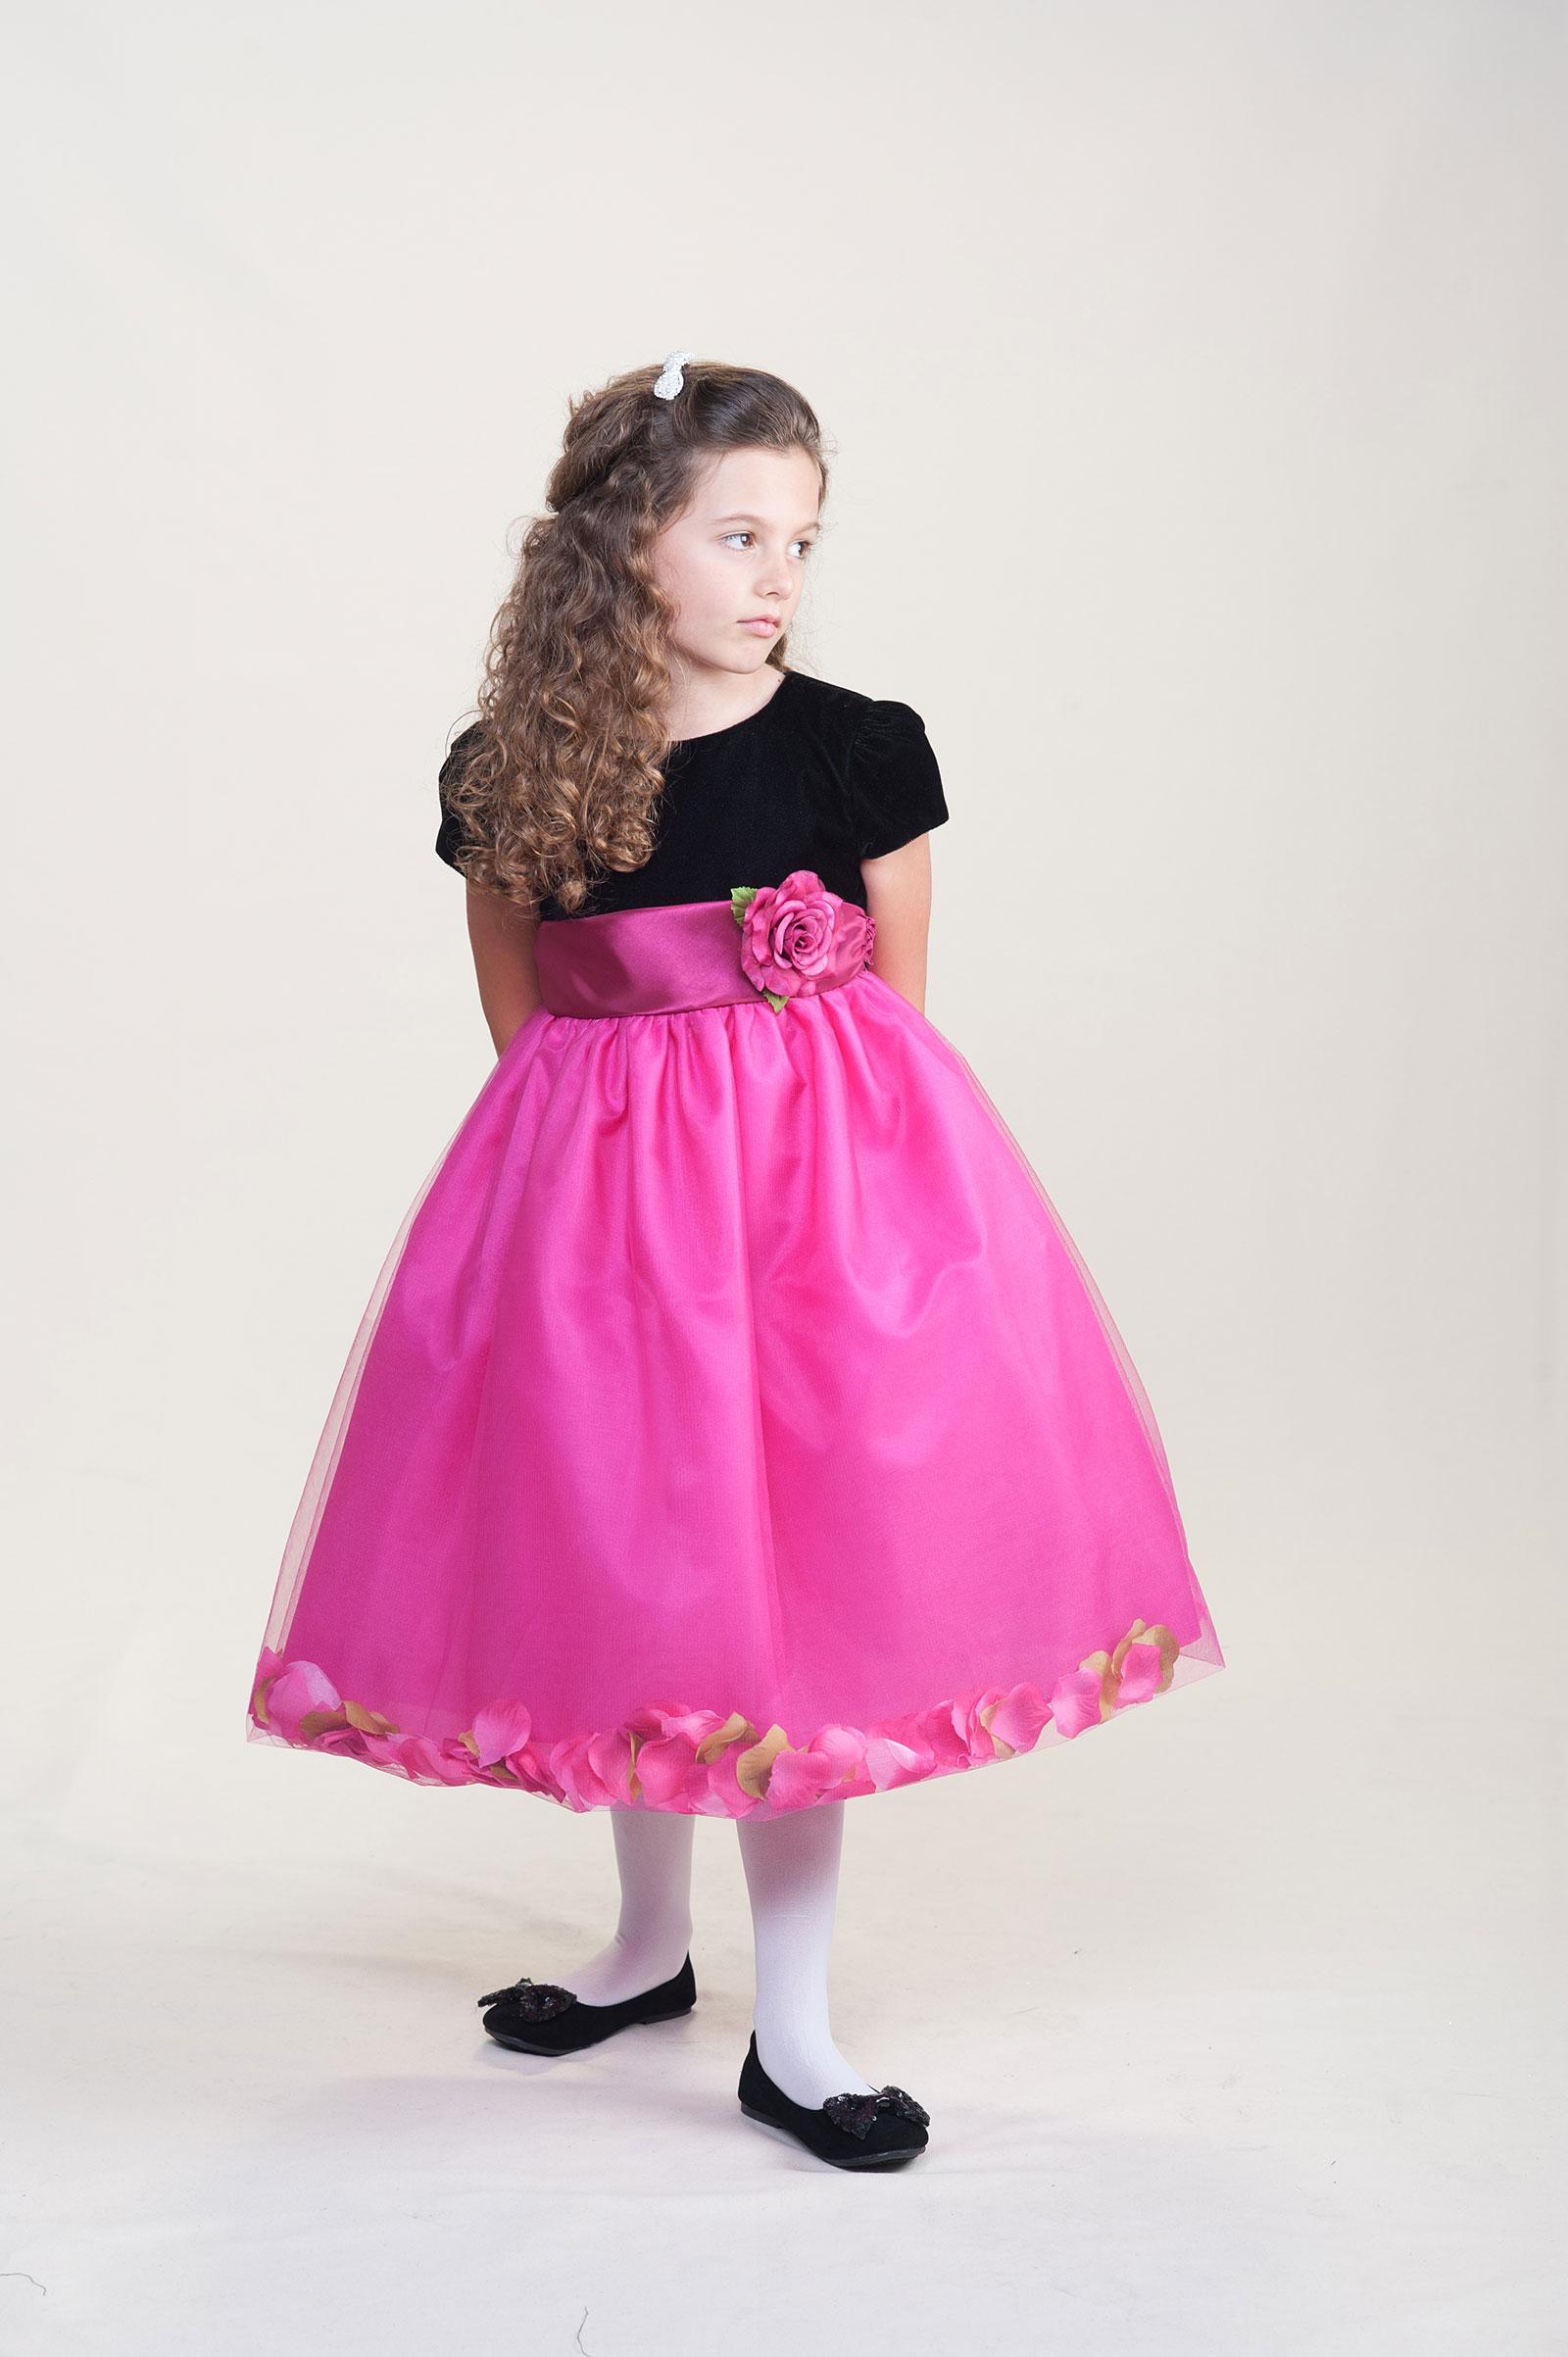 CK 973FUS Flower Girl Dress Style 973 Short Sleeve Petal Dress with Velve